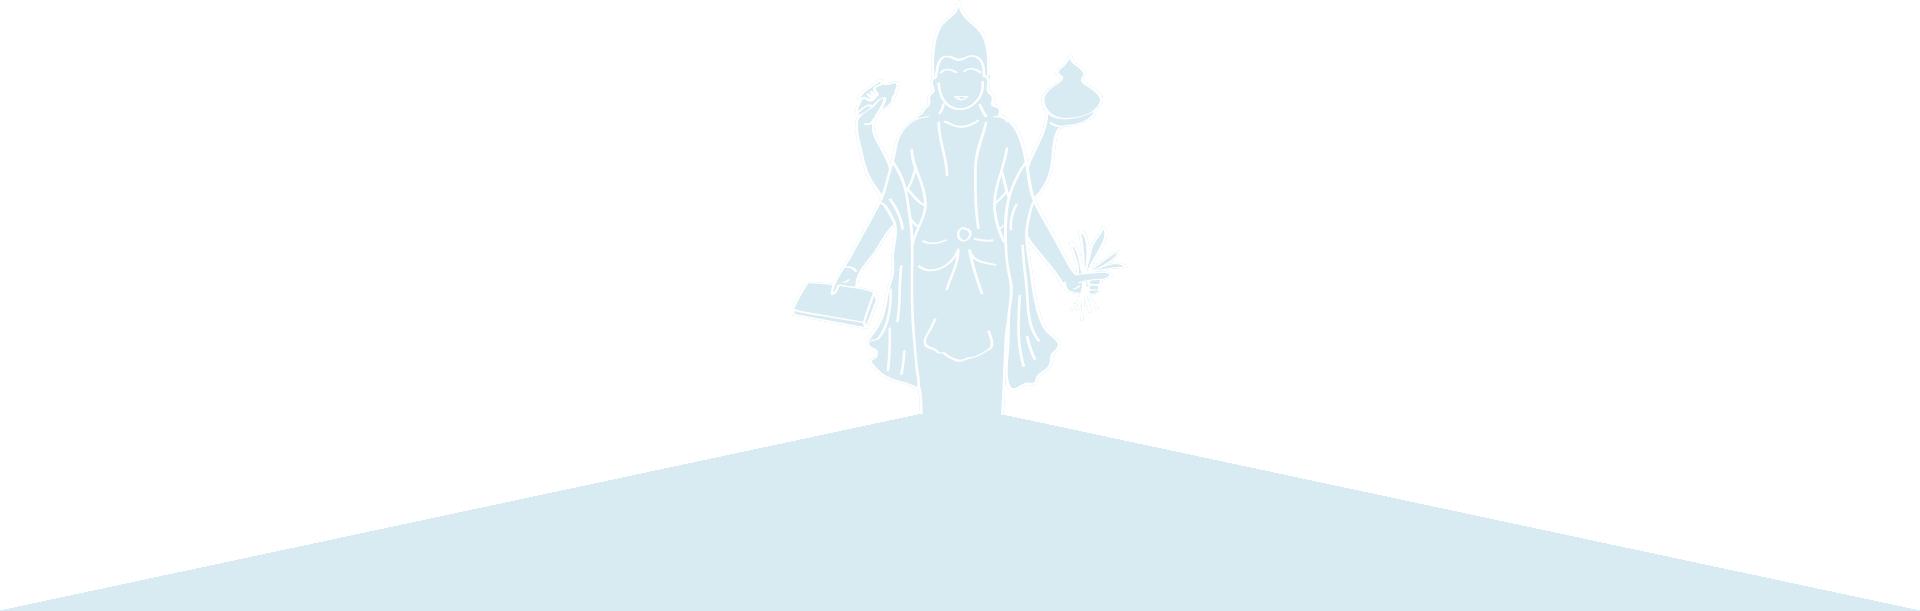 banner_full